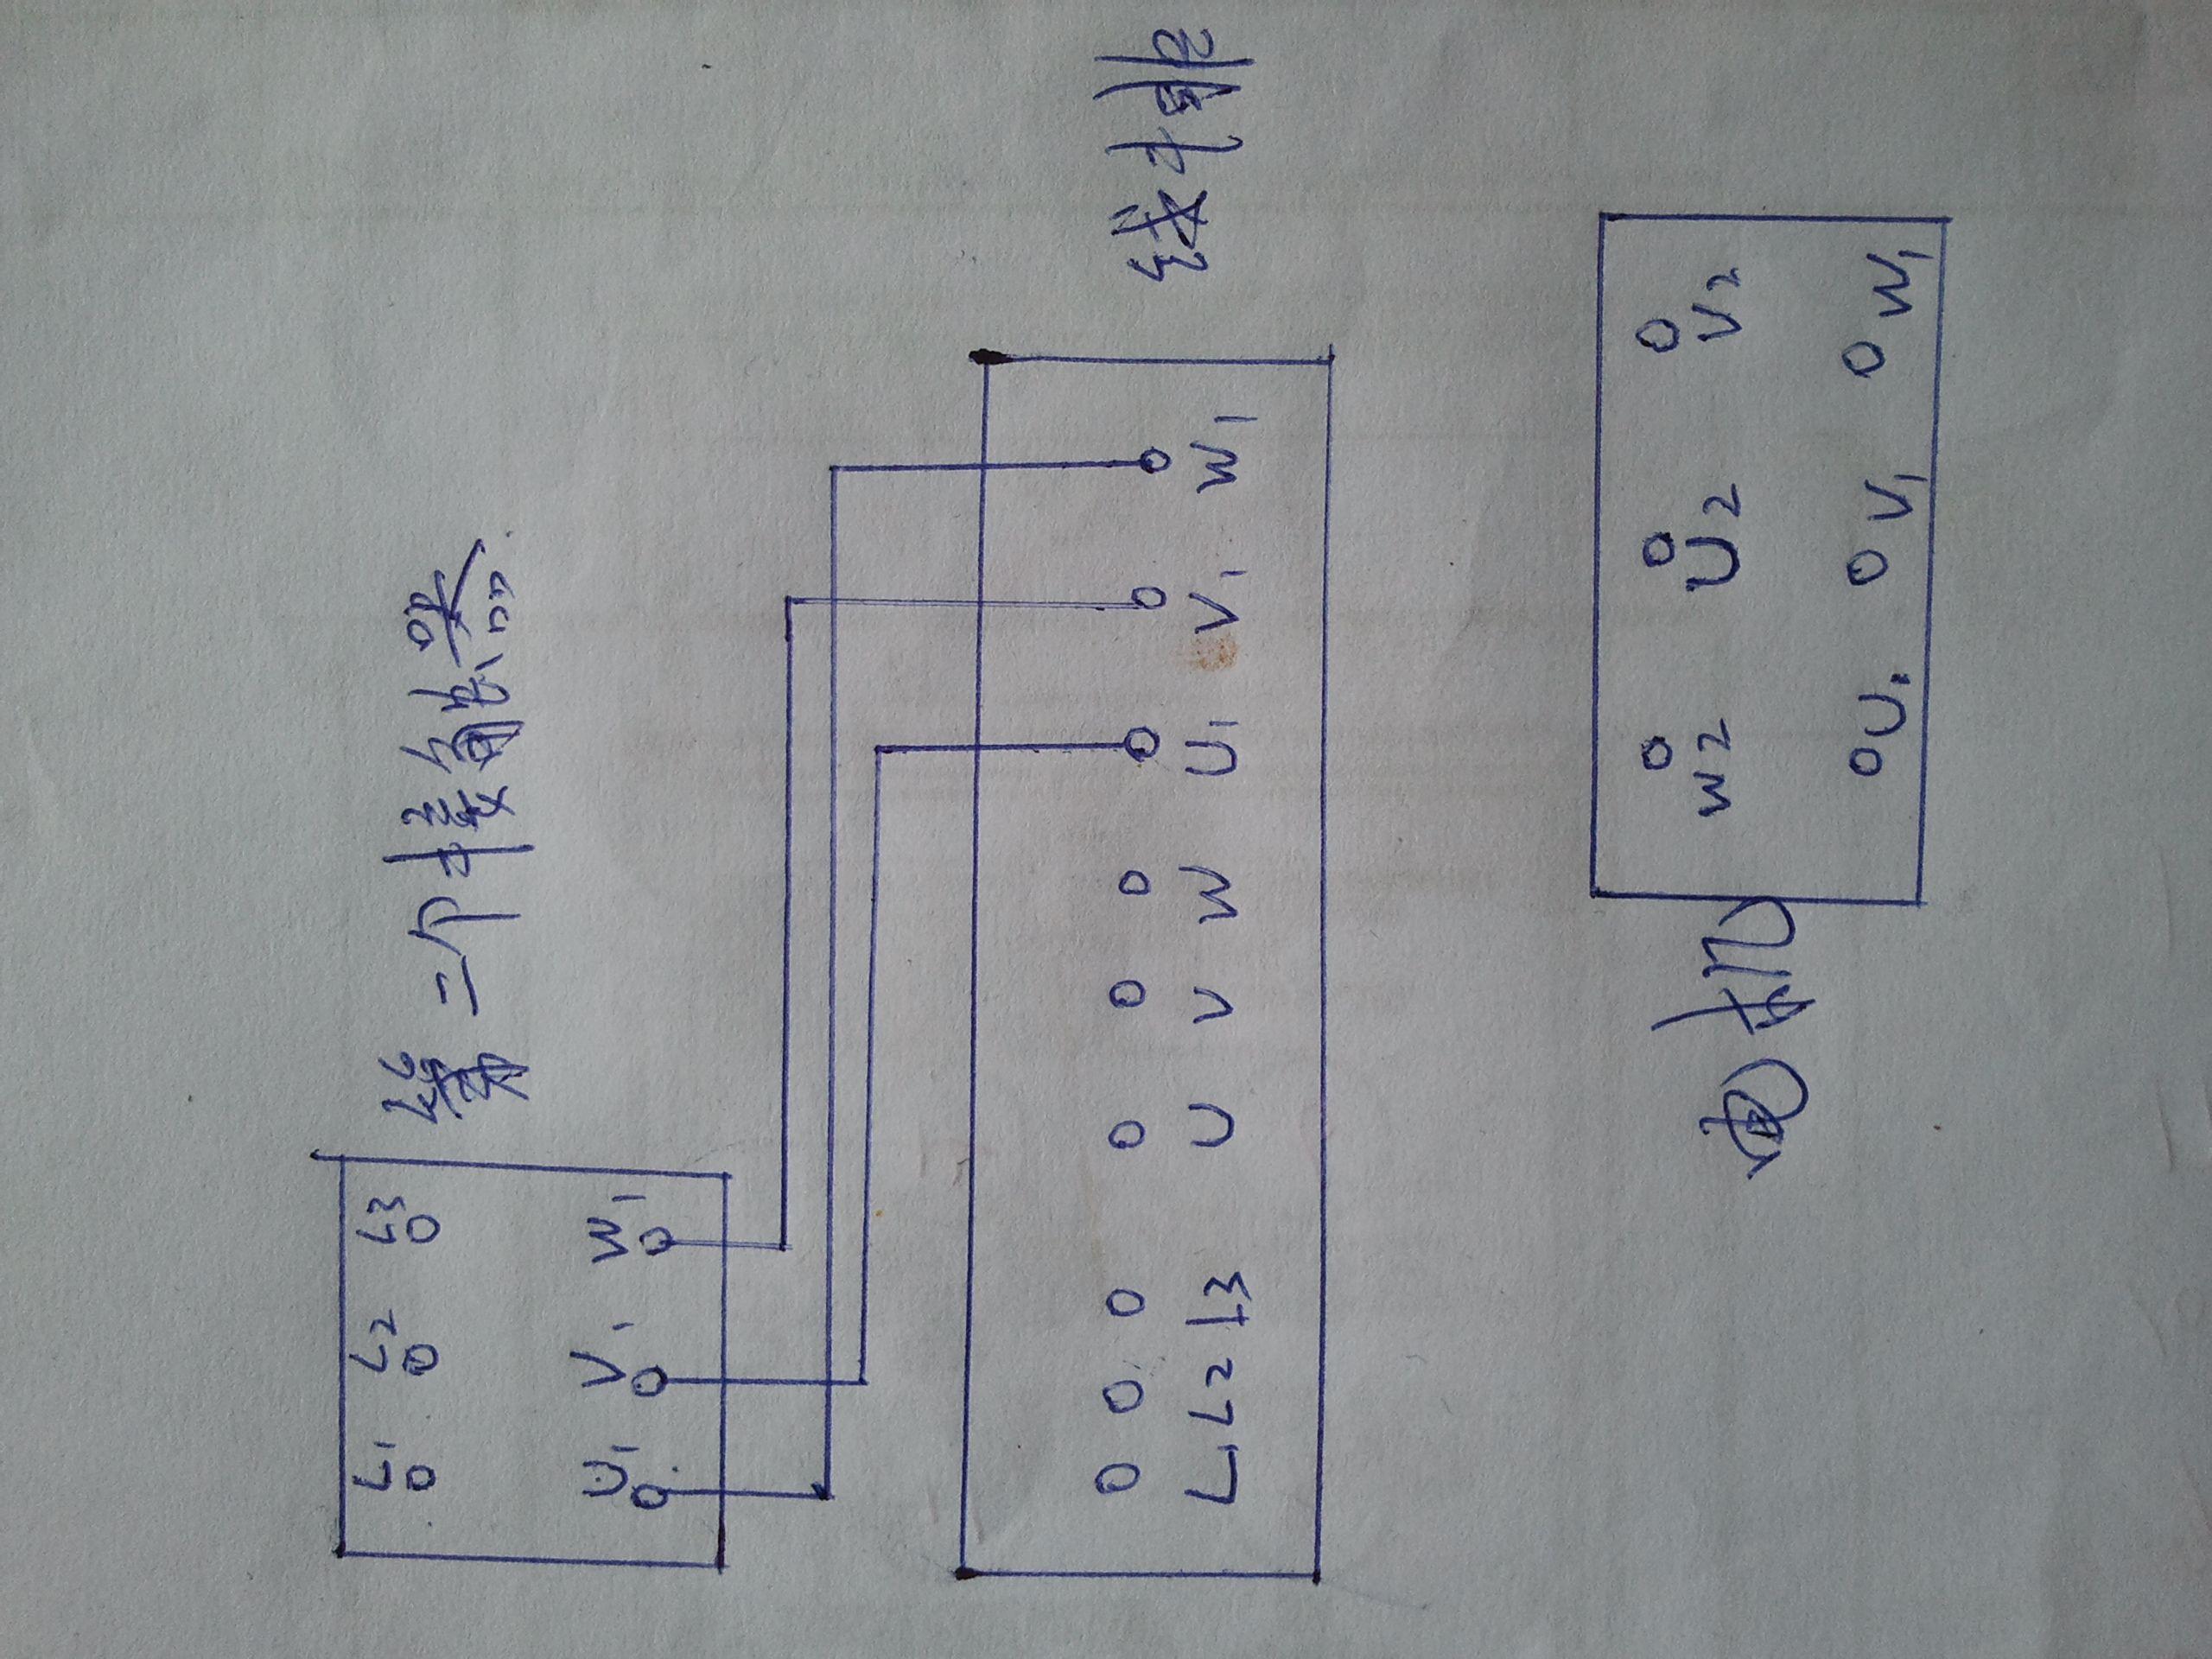 急~~~关于星形三角形降压启动电路的接线,在图中电机上怎么接上面三根